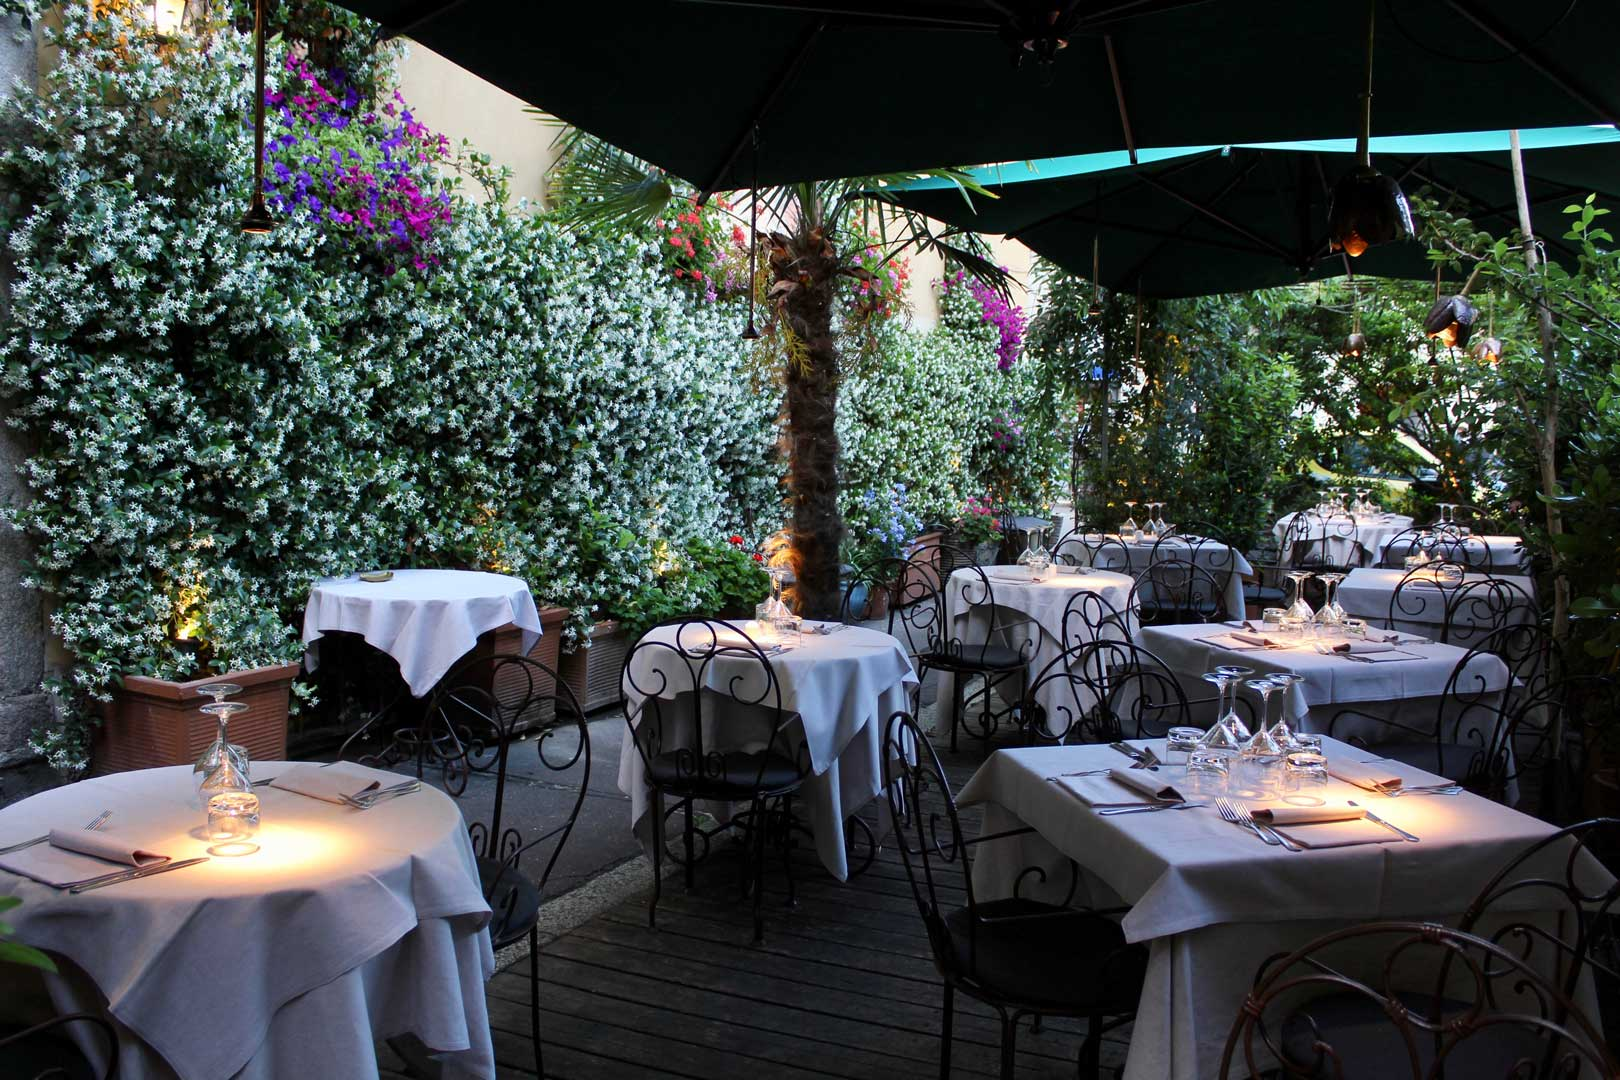 Best Restaurants With Dehors In Milan